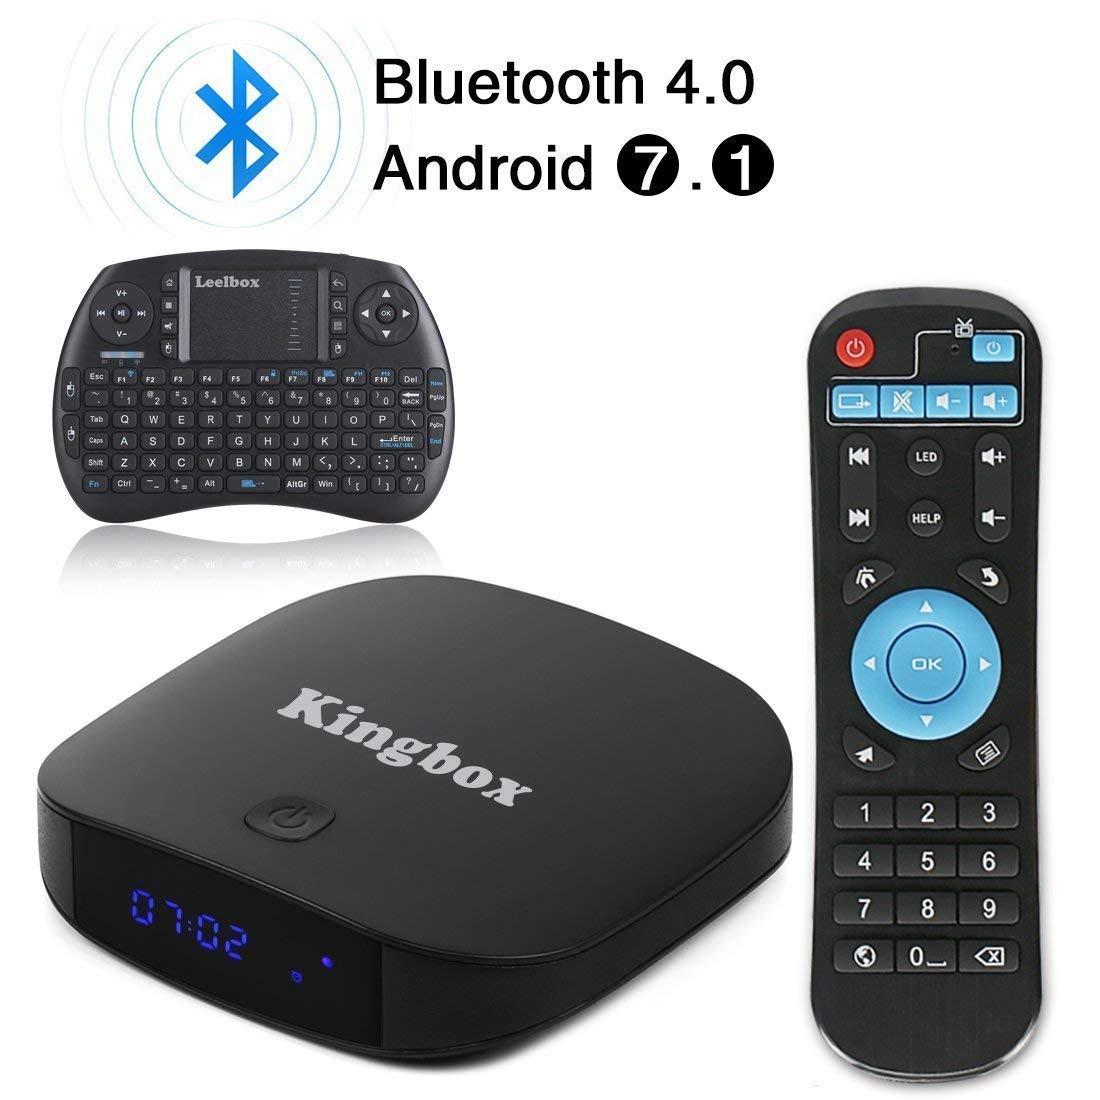 Kingbox – TV Box K1 Plus con Android 7.1 de 2018, 2 GB de RAM + 8 GB de ROM, compatible con H.265 / Penta-Core / BT 4.0 / 3D, etc., incluye mini-teclado inalámbrico: Amazon.es: Electrónica